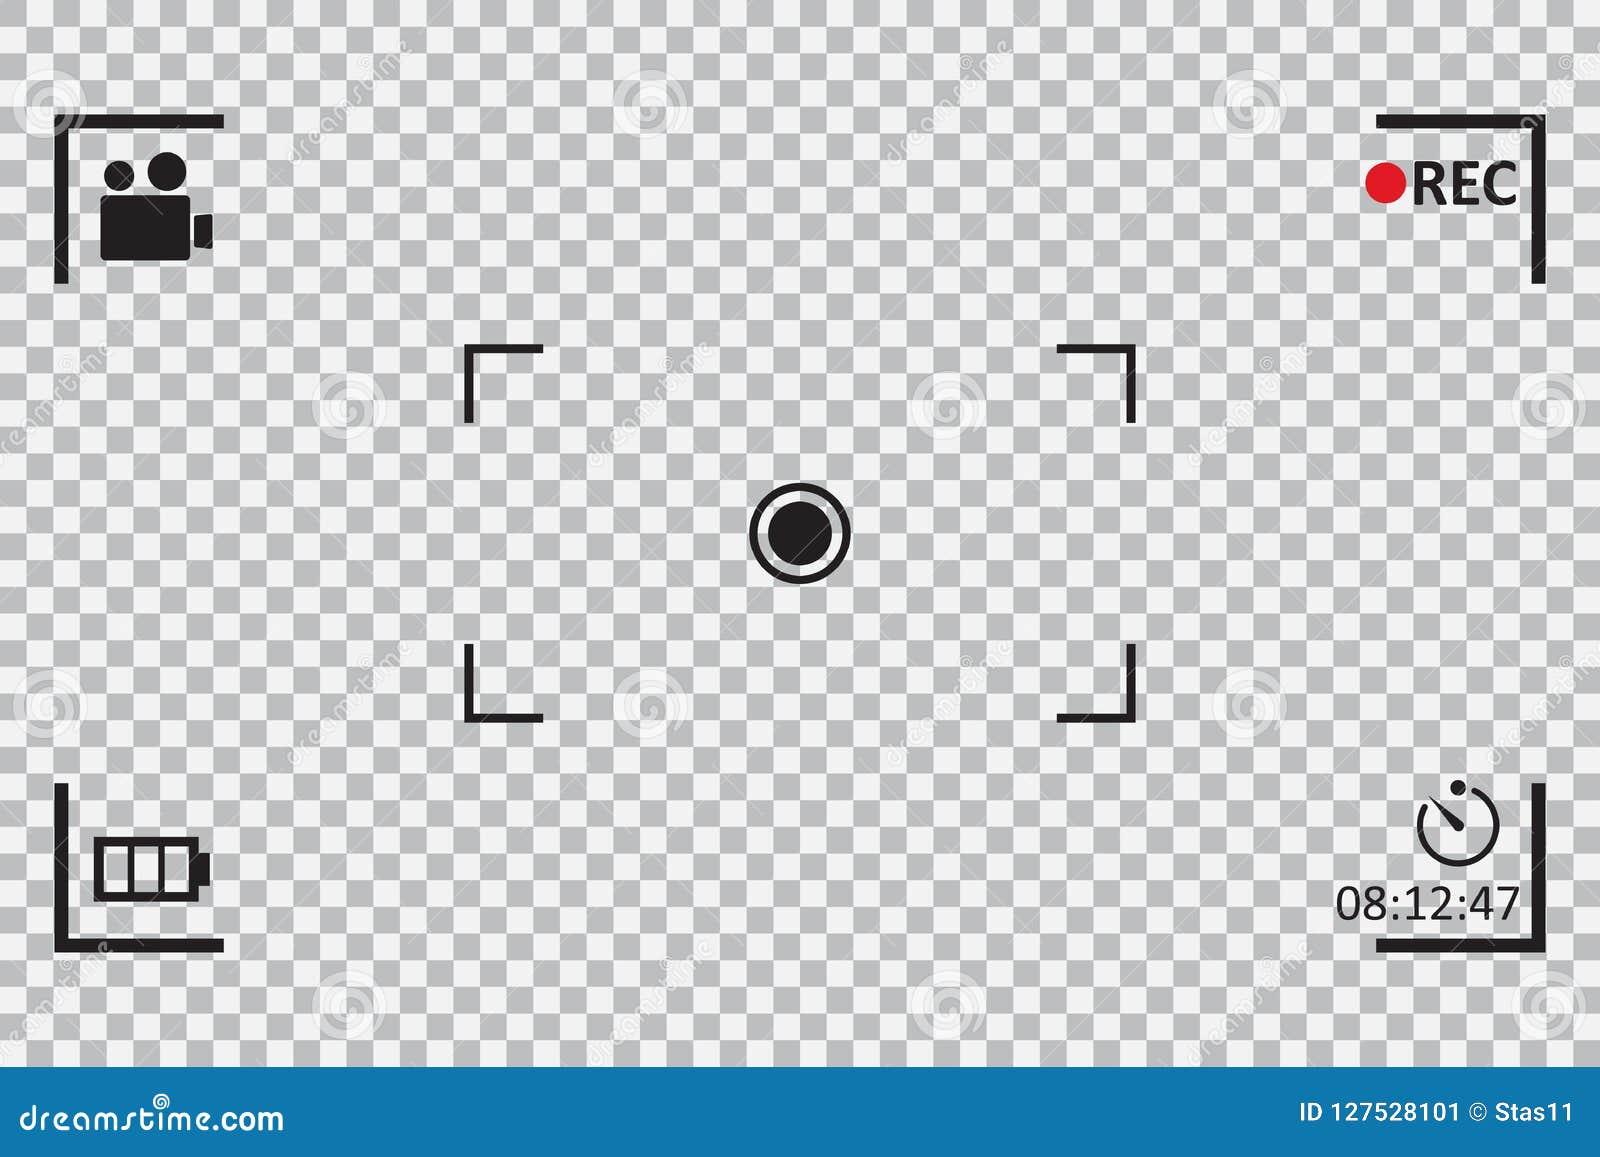 Camera Frame Viewfinder On A Transparent Background  Vector